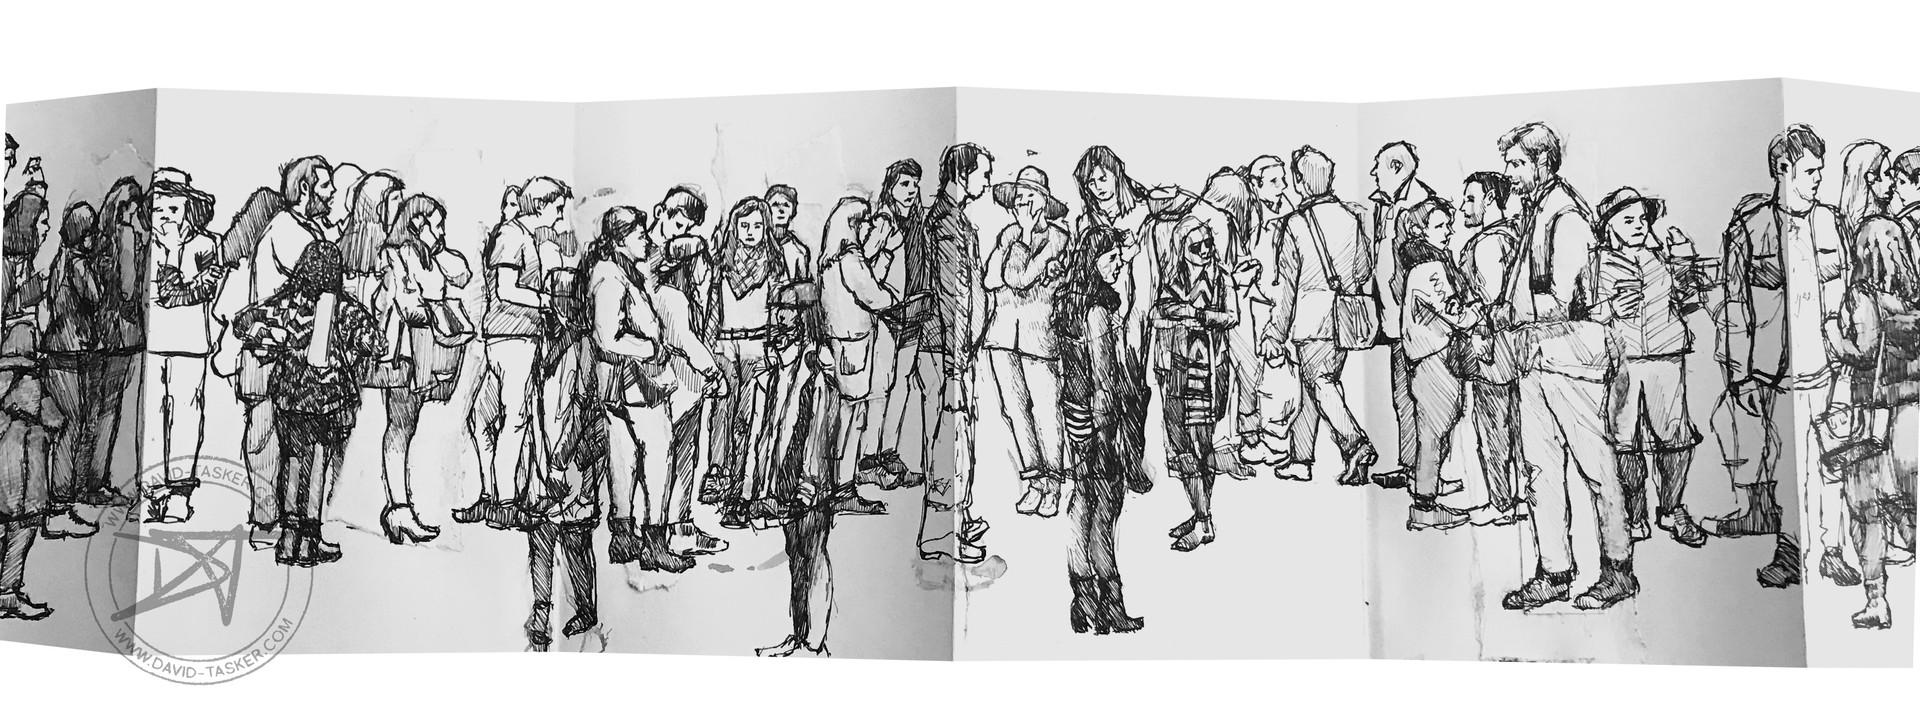 Queue drawing 12.jpg